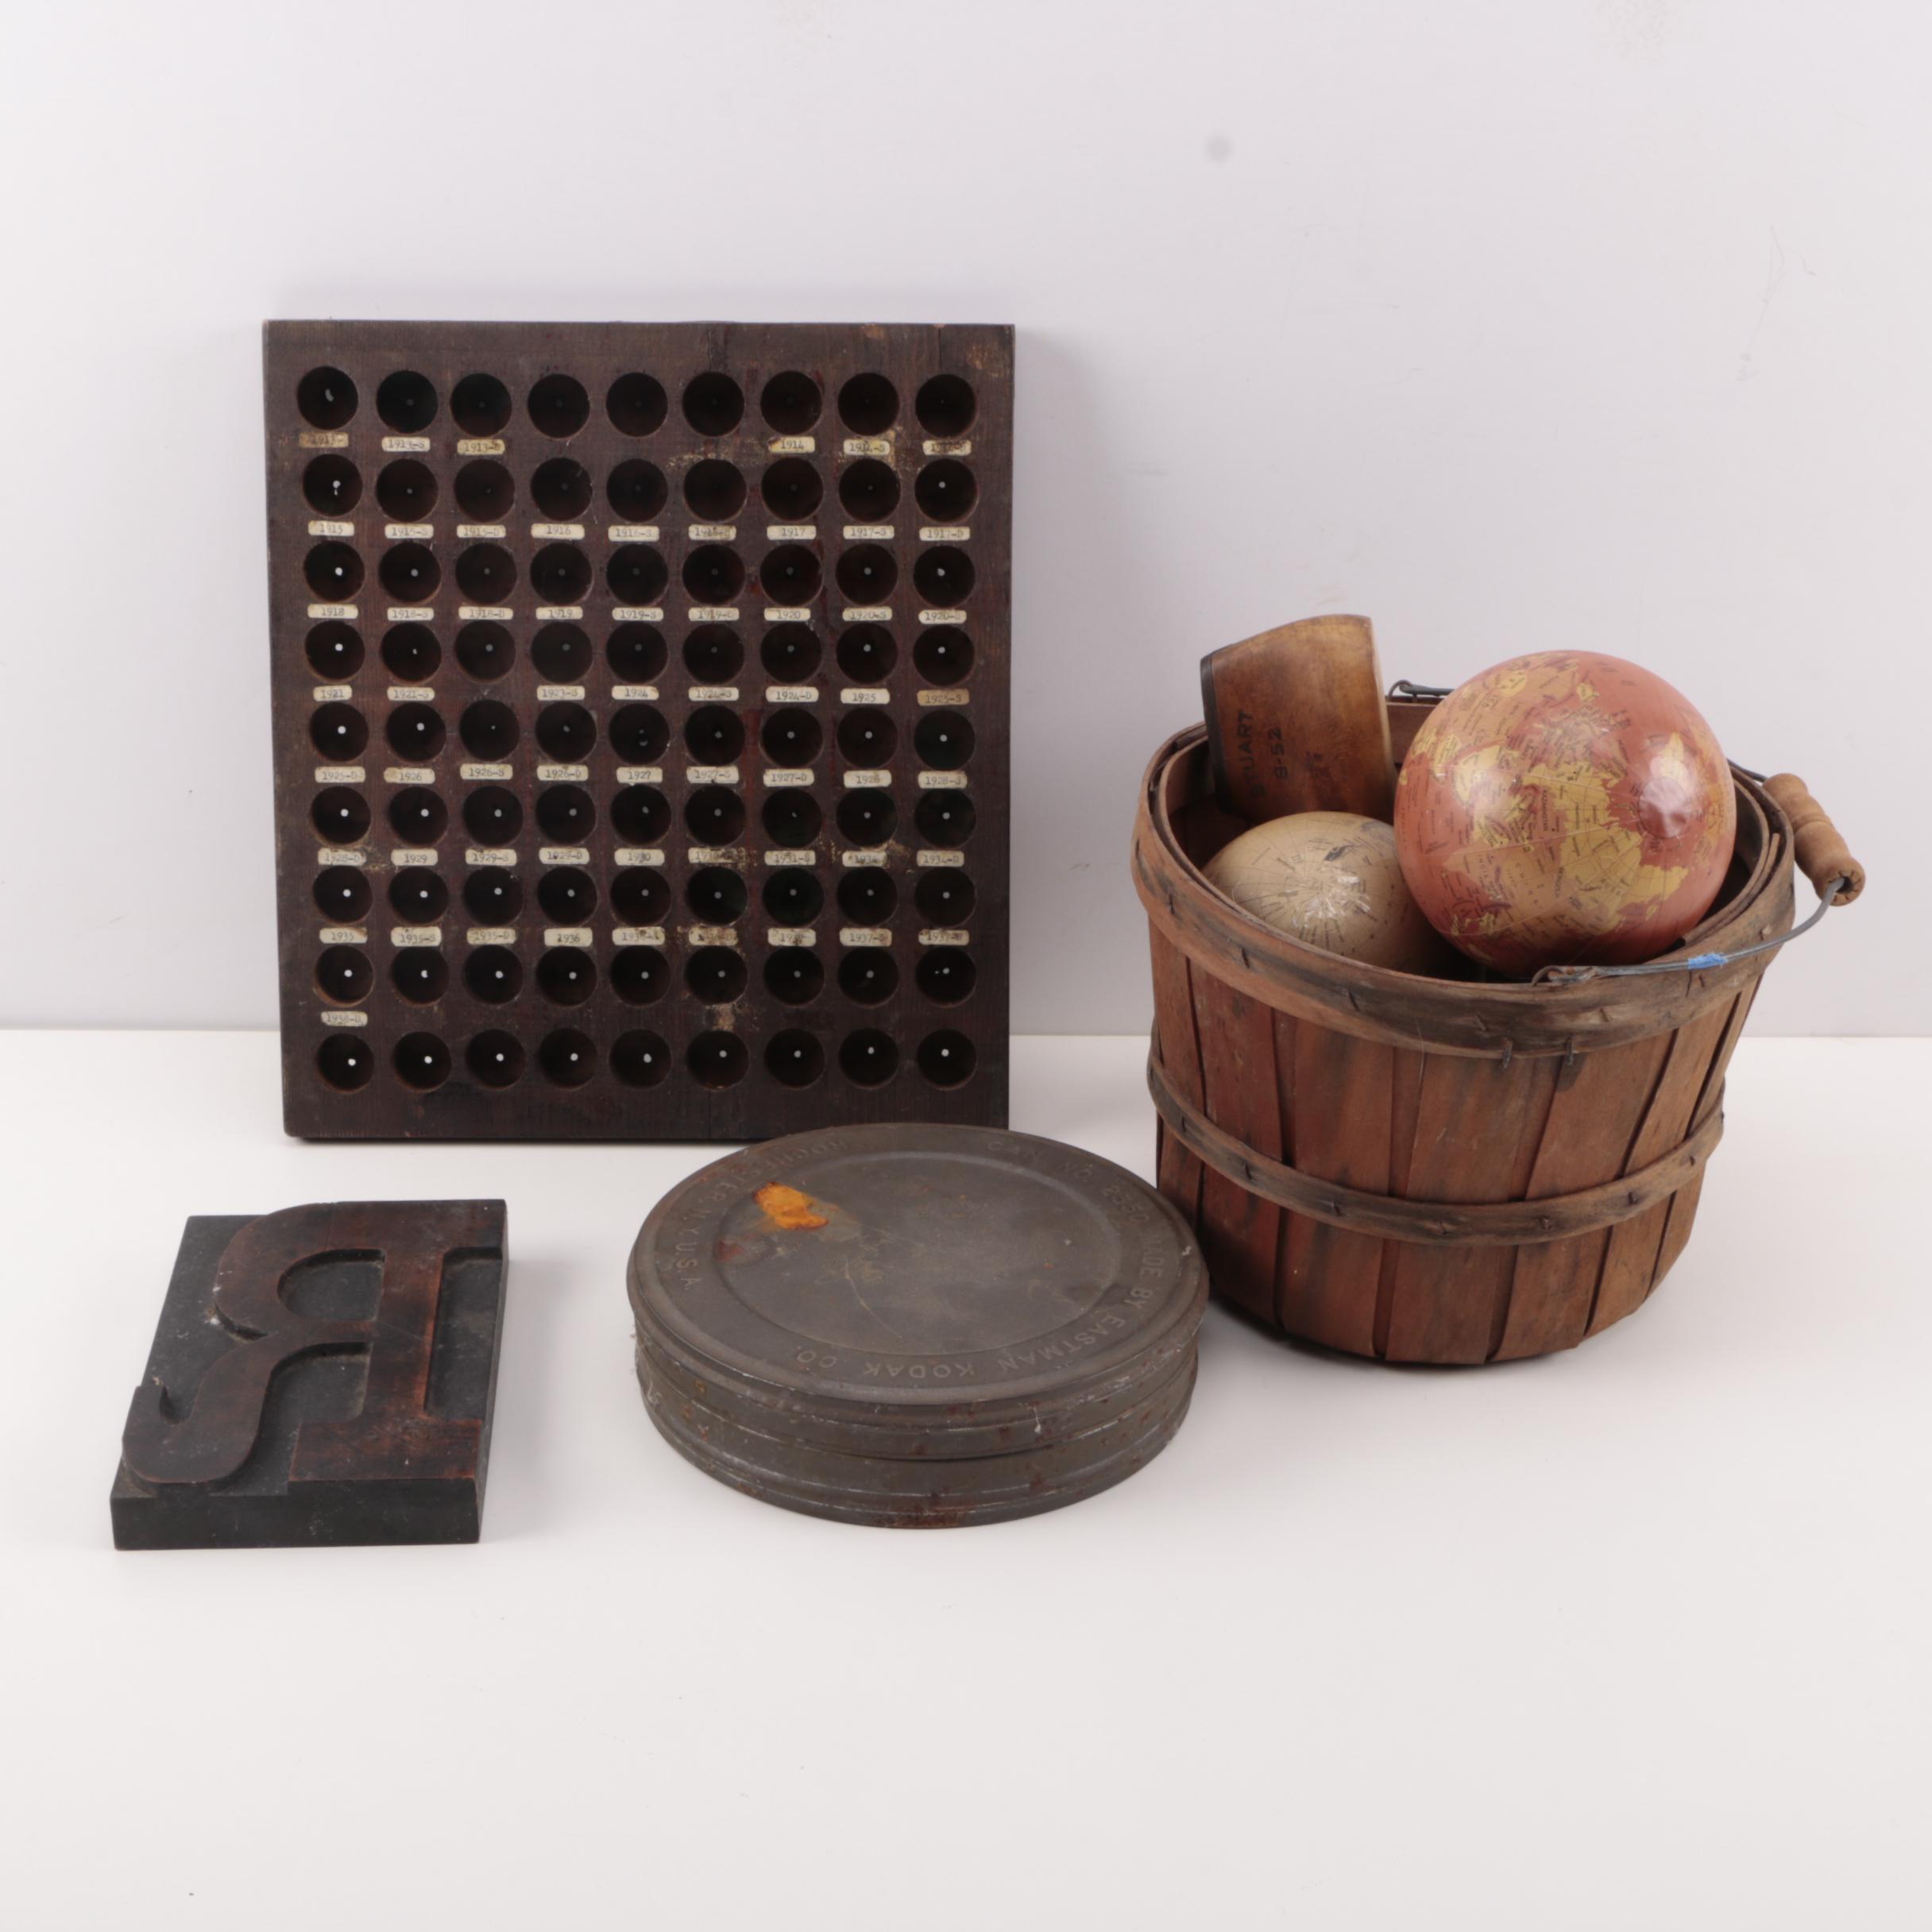 Coin Storage, Kodak Film Tin, and Other Decor